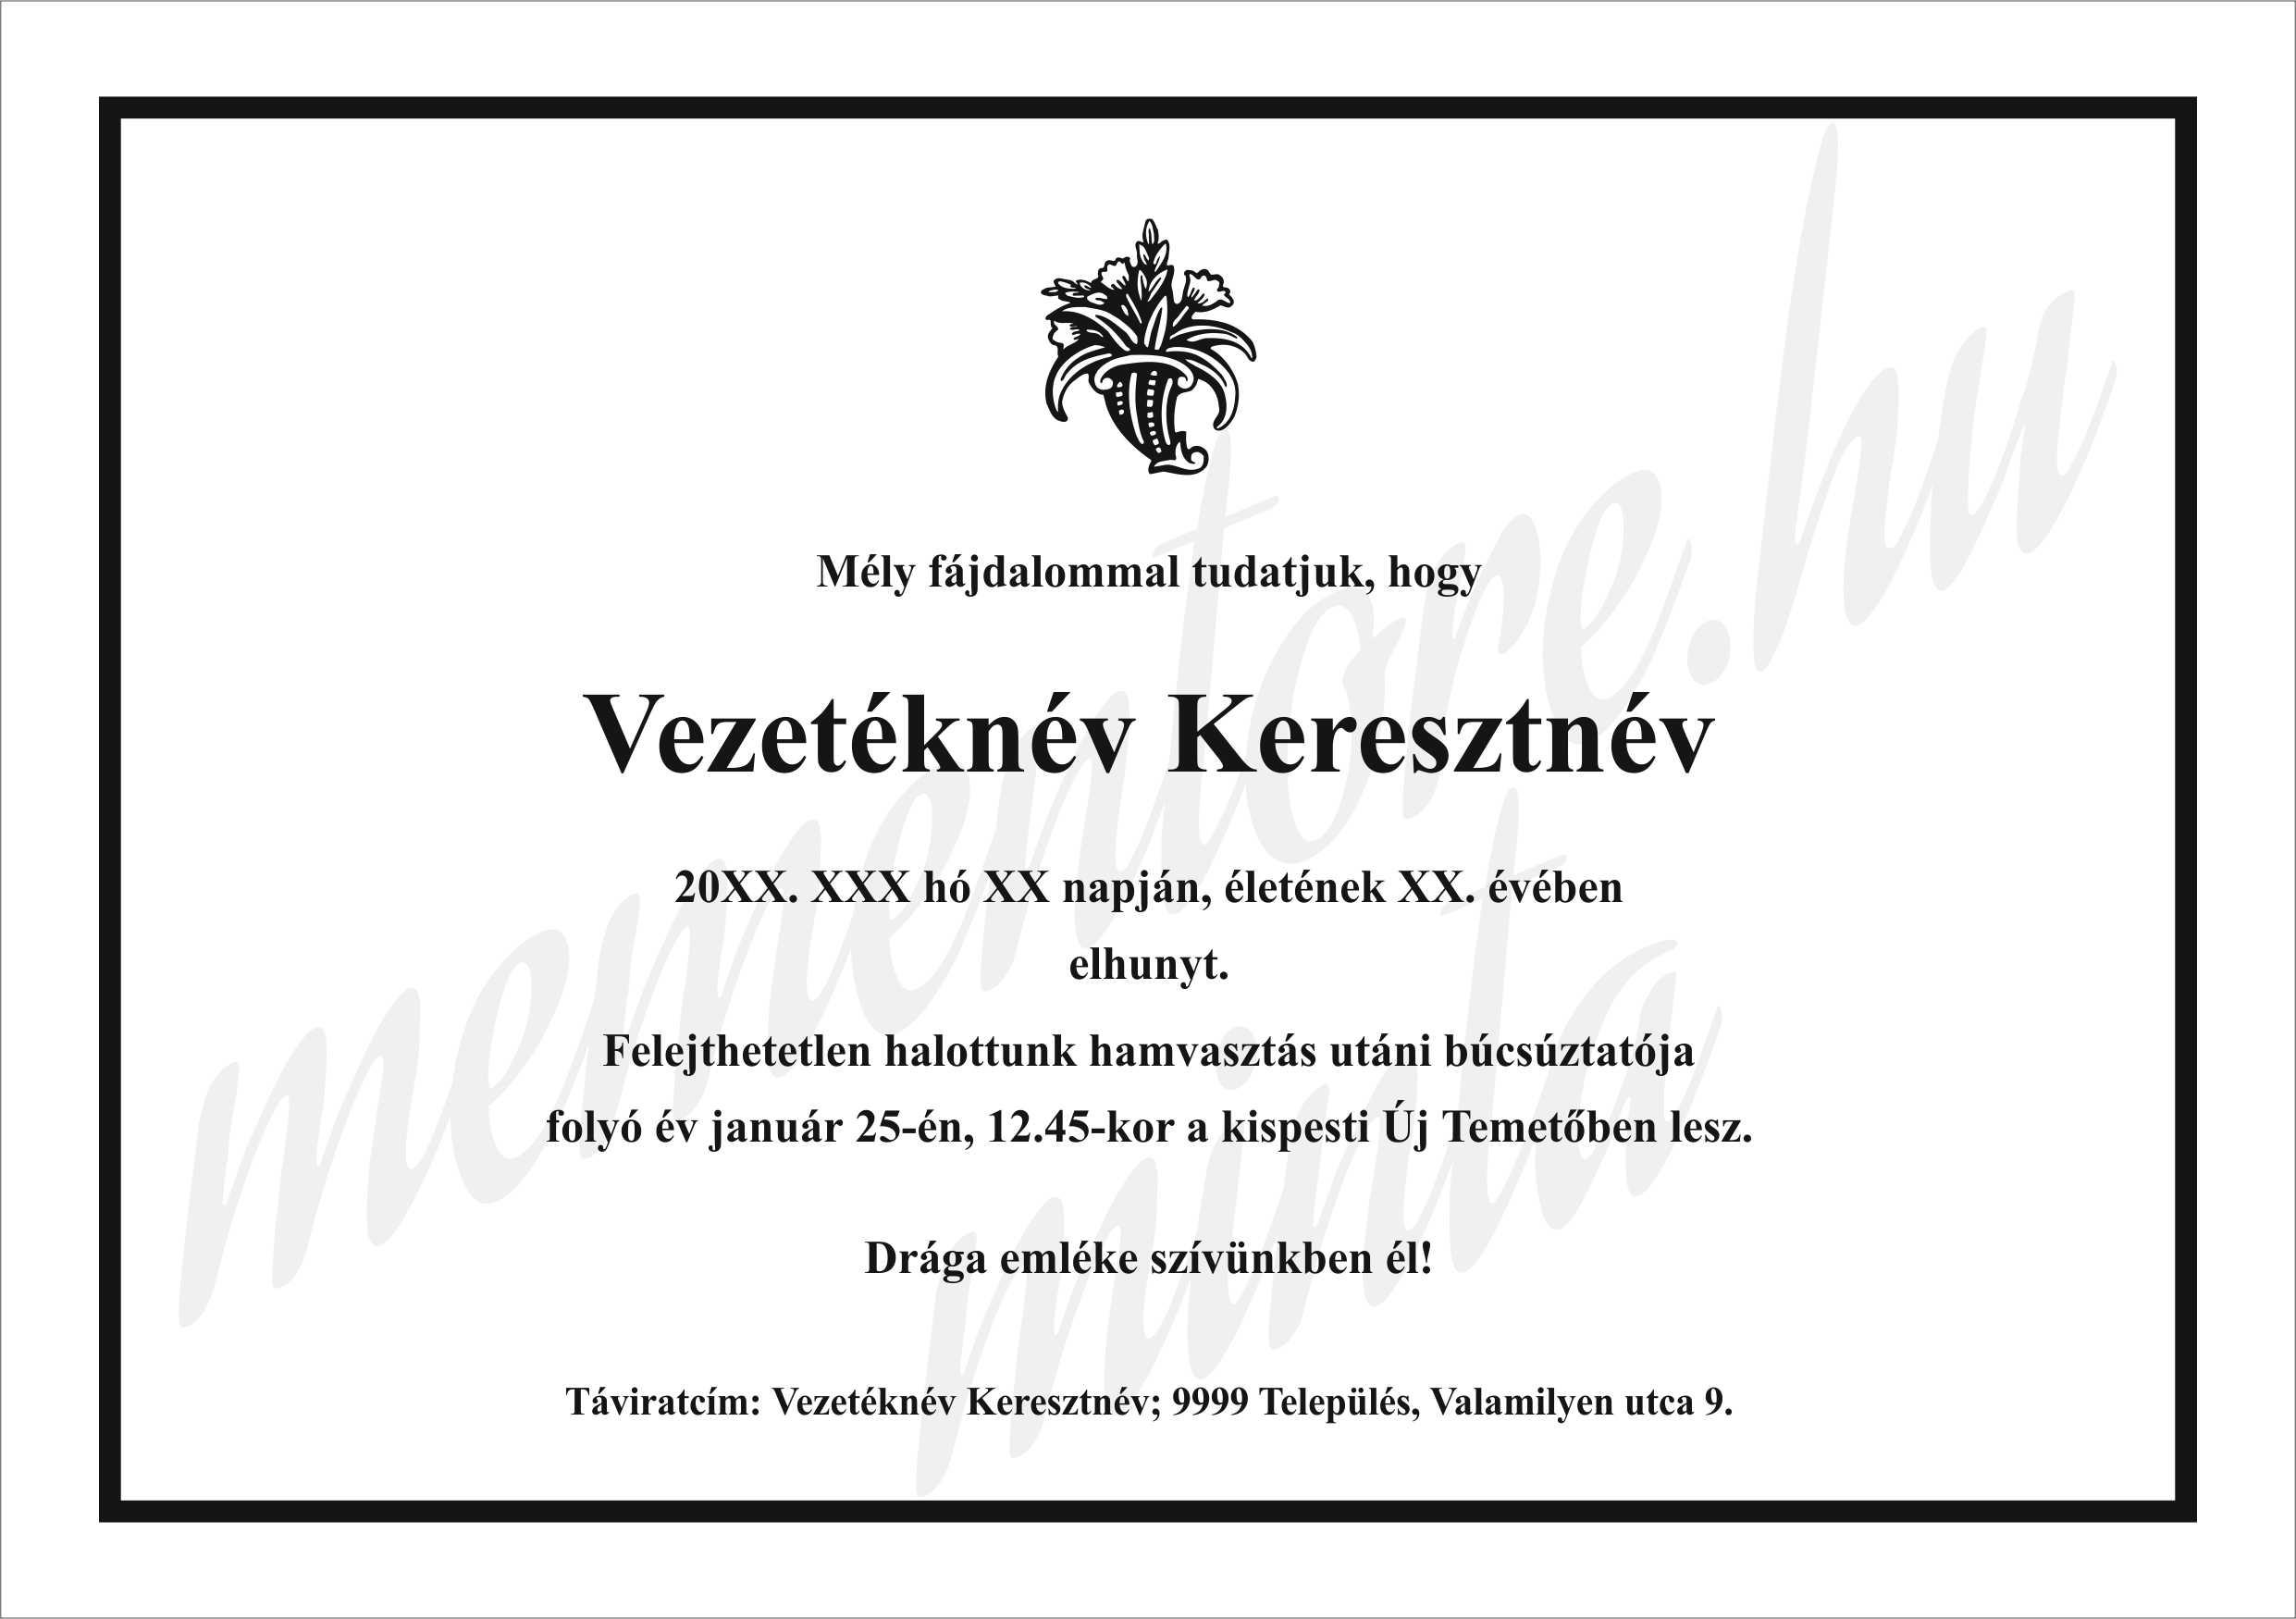 Gyaszertesito_A5_viragminta_hamvasztas